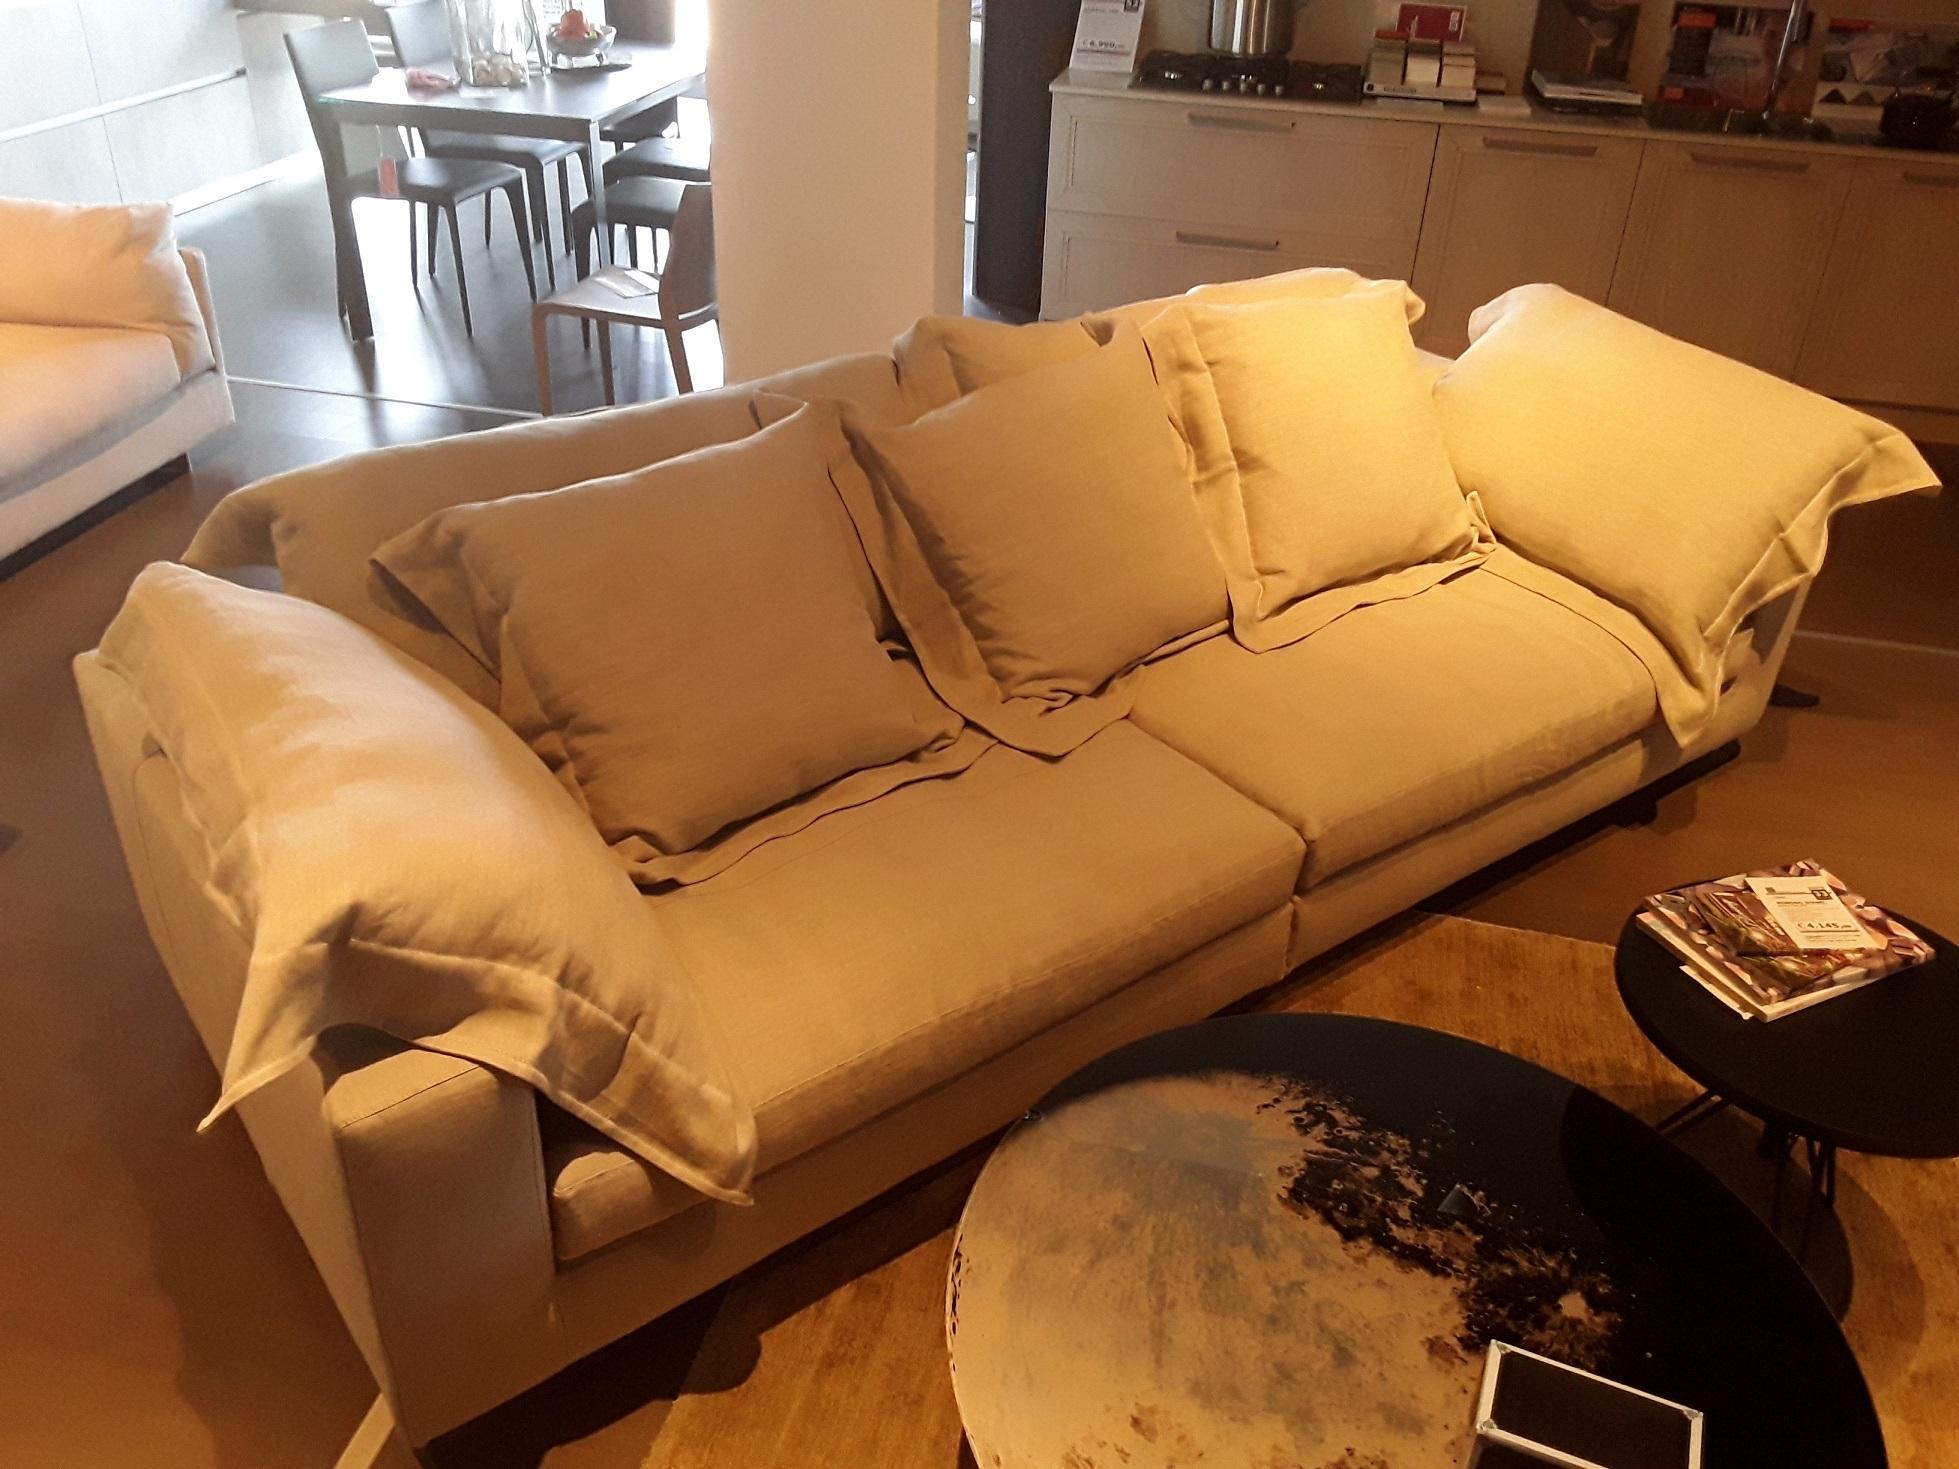 Moroso divano nebula nine sofa scontato del 33 divani a prezzi scontati - Divano diesel moroso ...